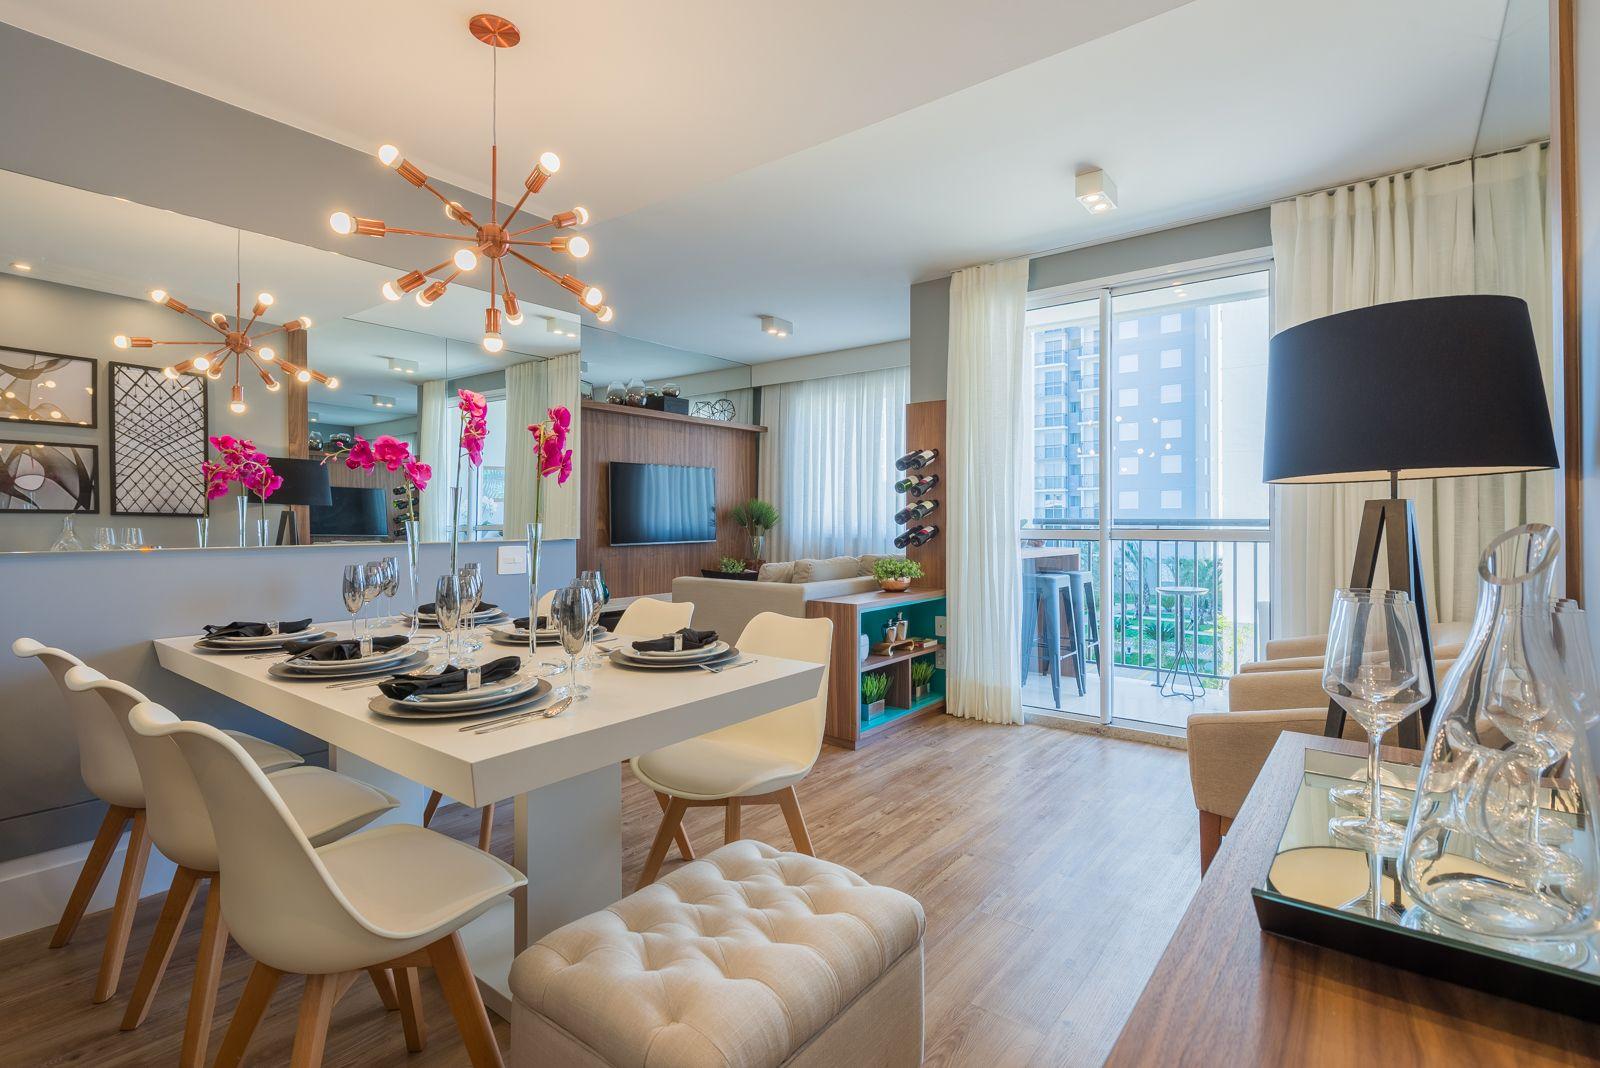 LIVING AMPLIADO do apto de 60 m², bastante iluminado devido às grandes janelas.